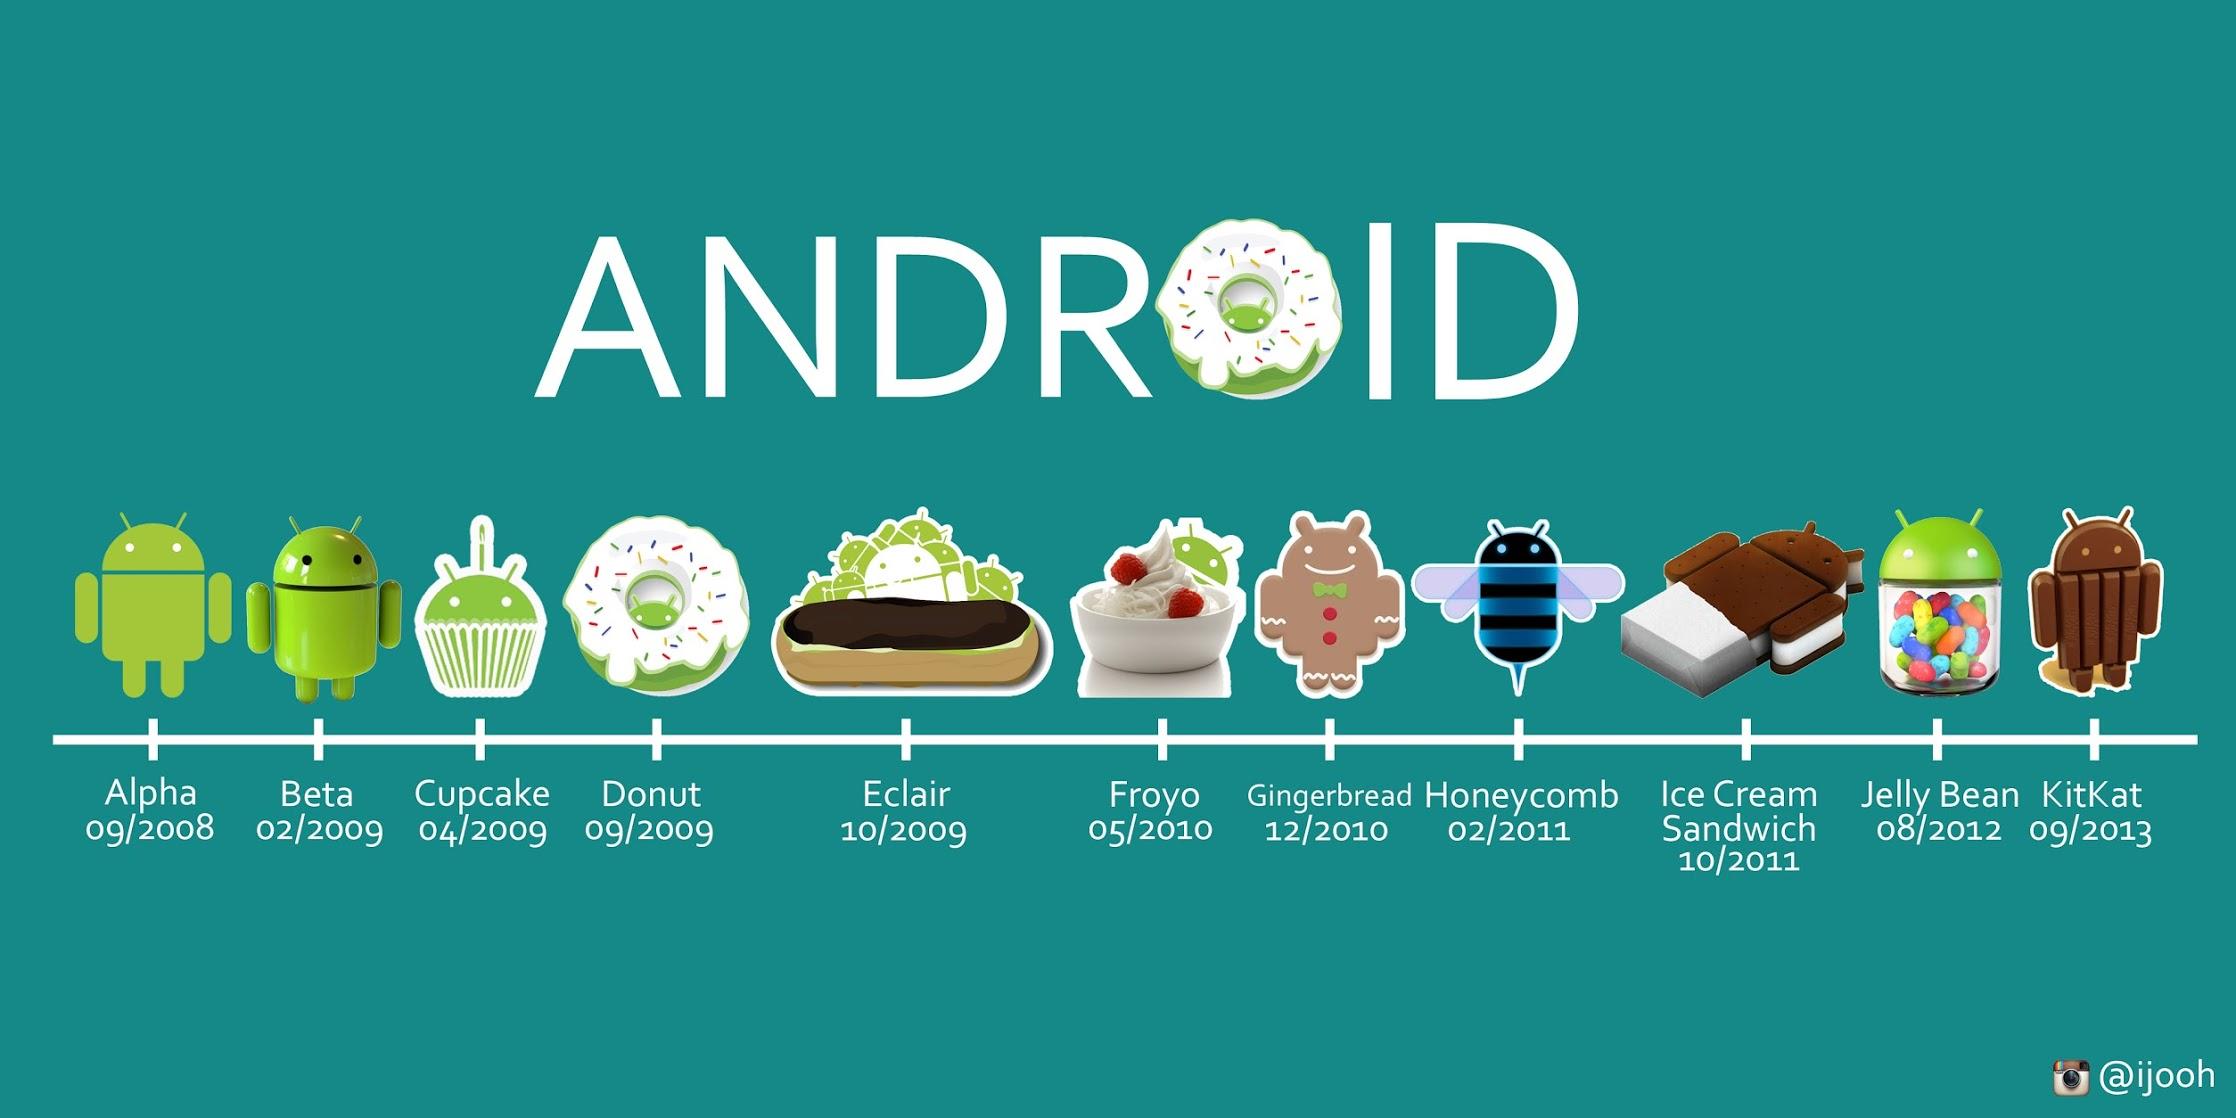 ¿Por qué las versiones de Android tienen nombres de postres? 2